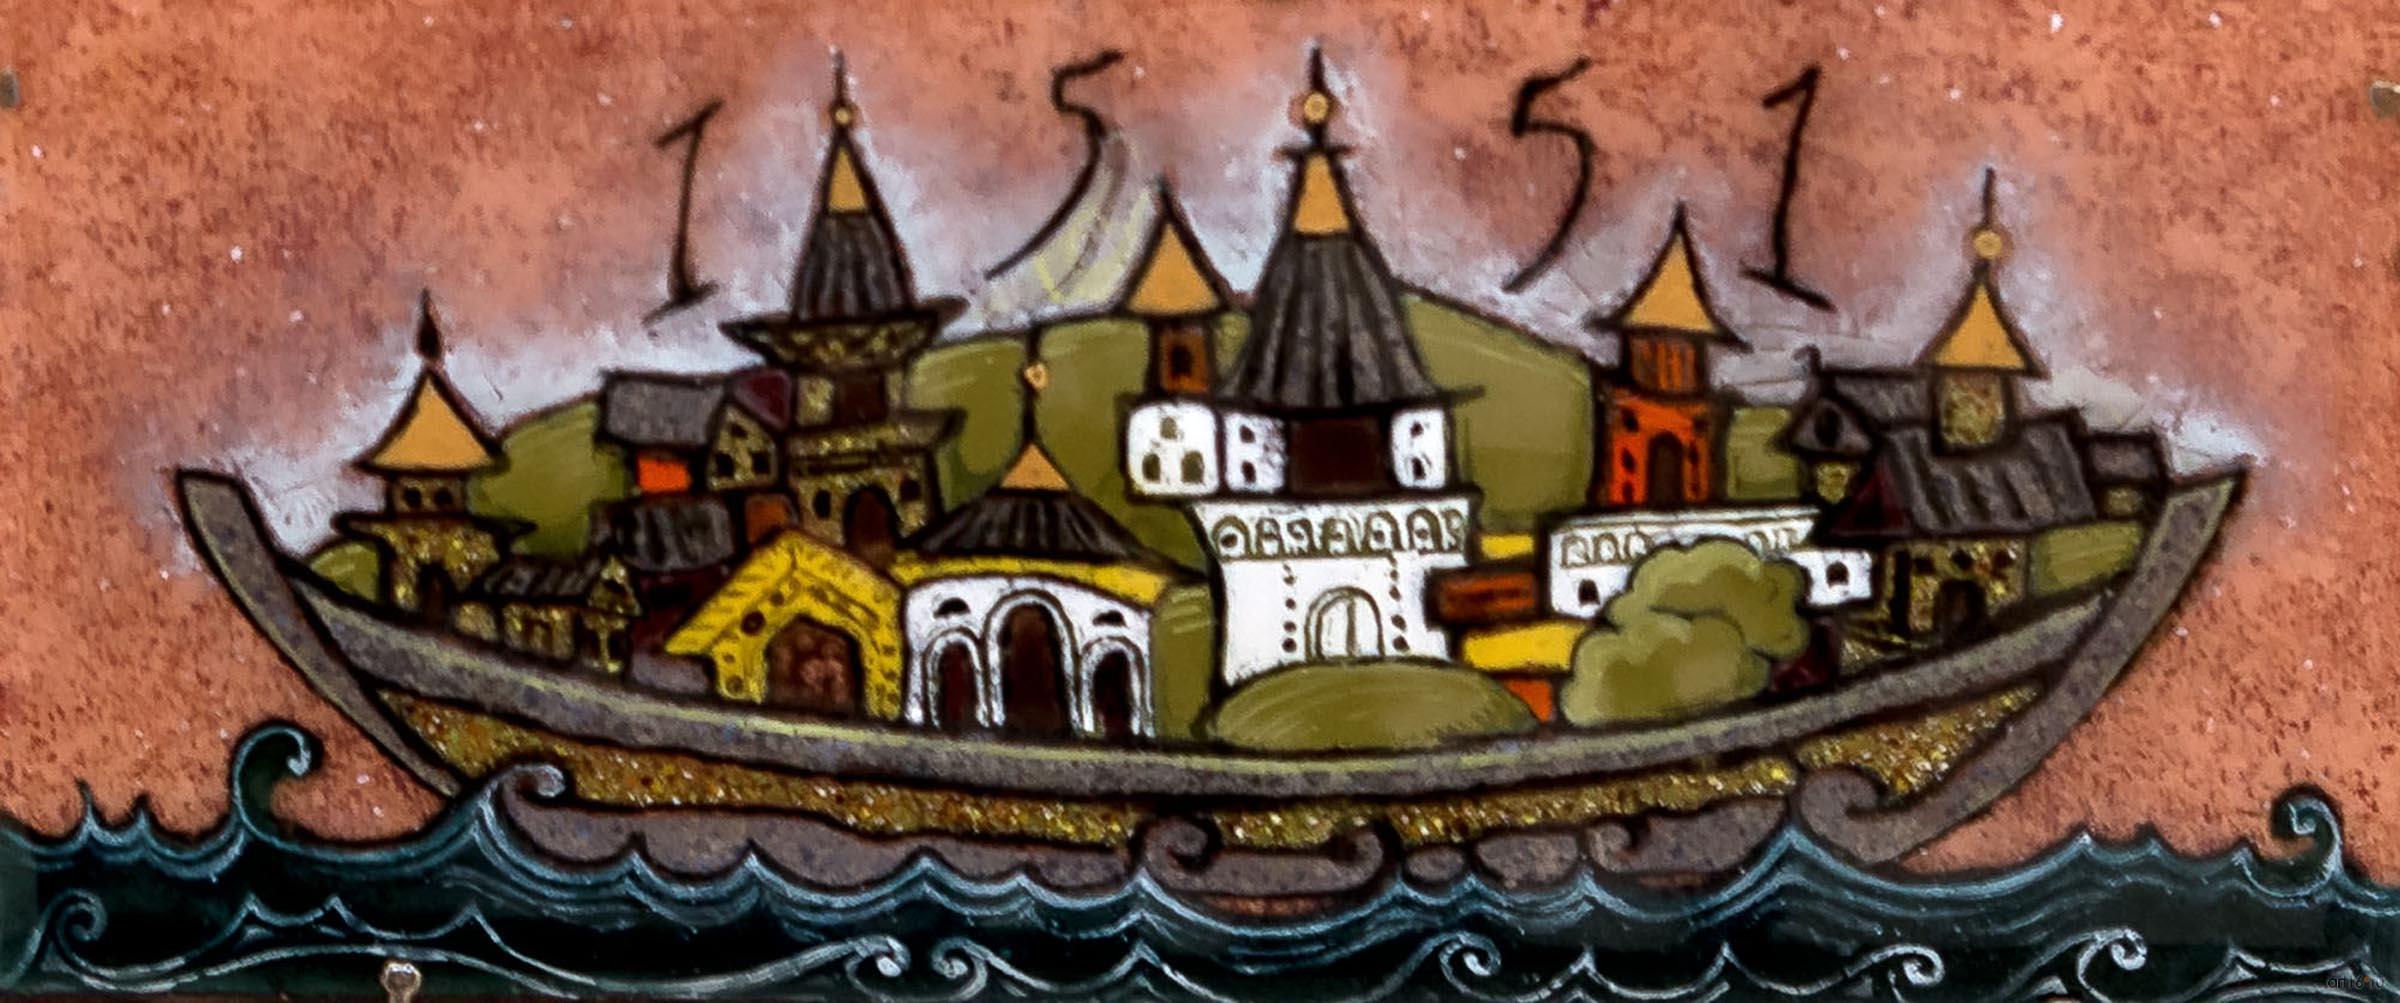 Свияжский ковчег. 2015. Анастасия Сафиуллина::Полет над Черным озером. Рашит, Чингиз и Анастасия Сафиуллины